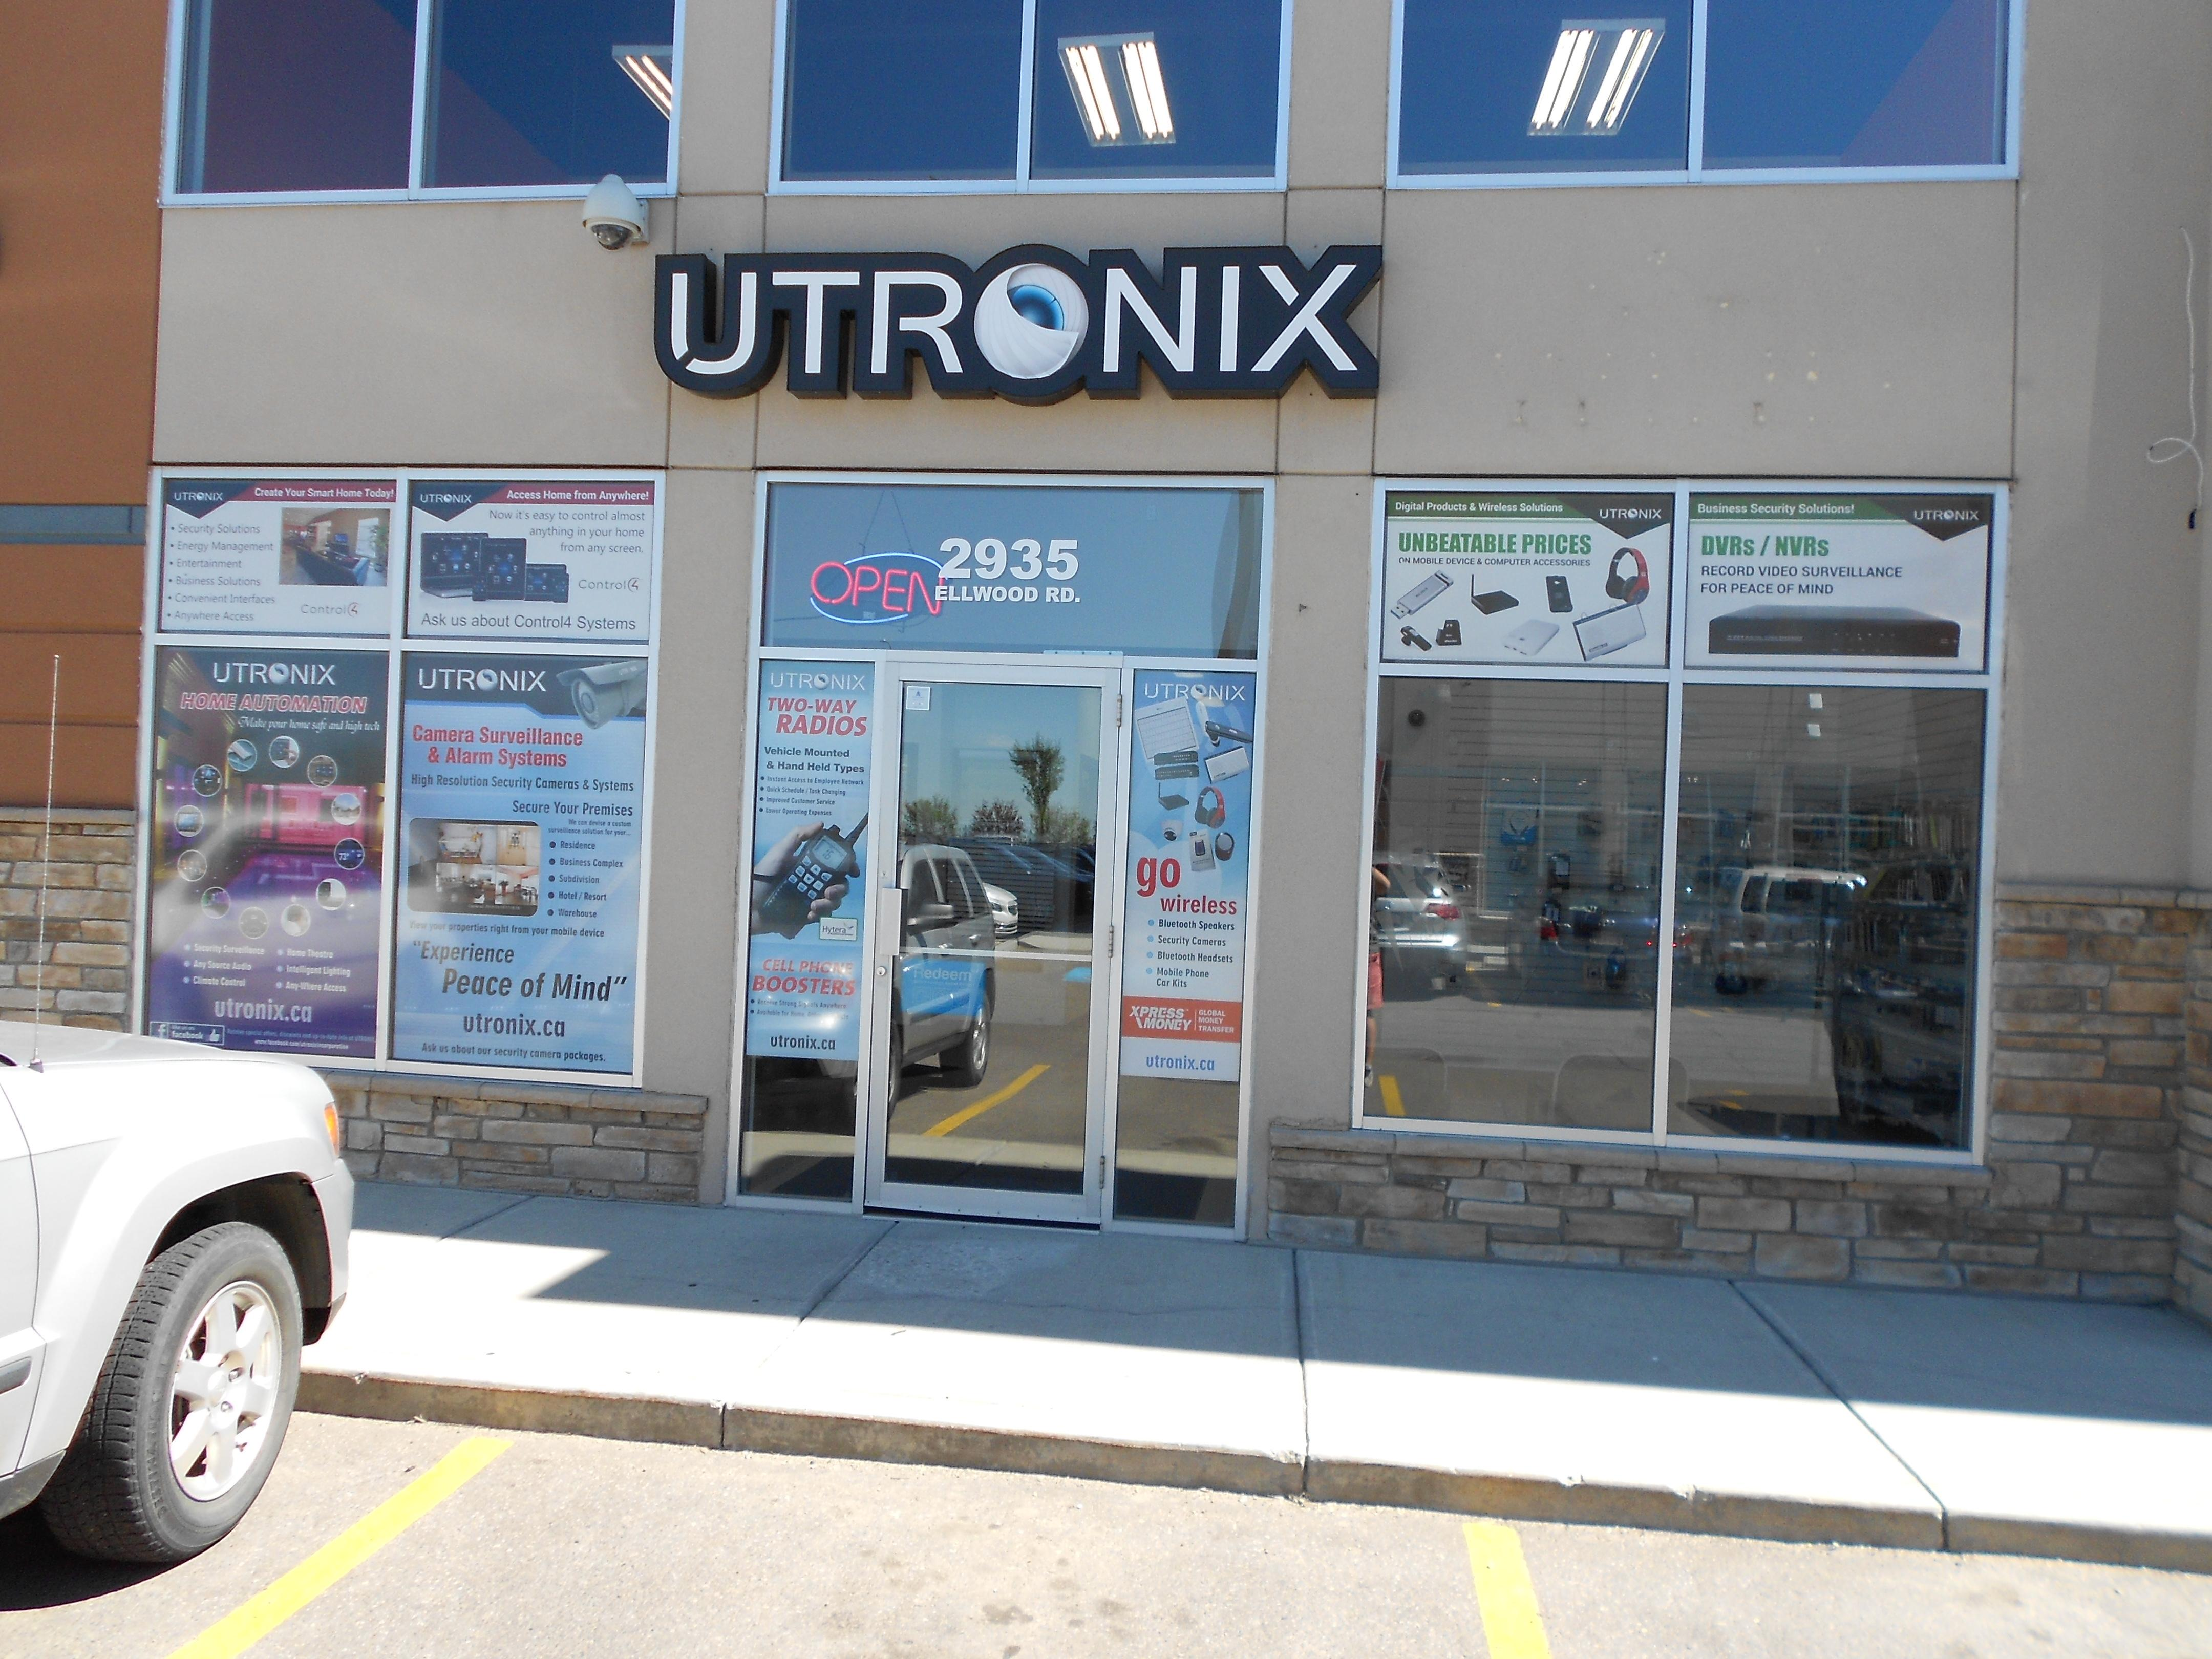 Utronix